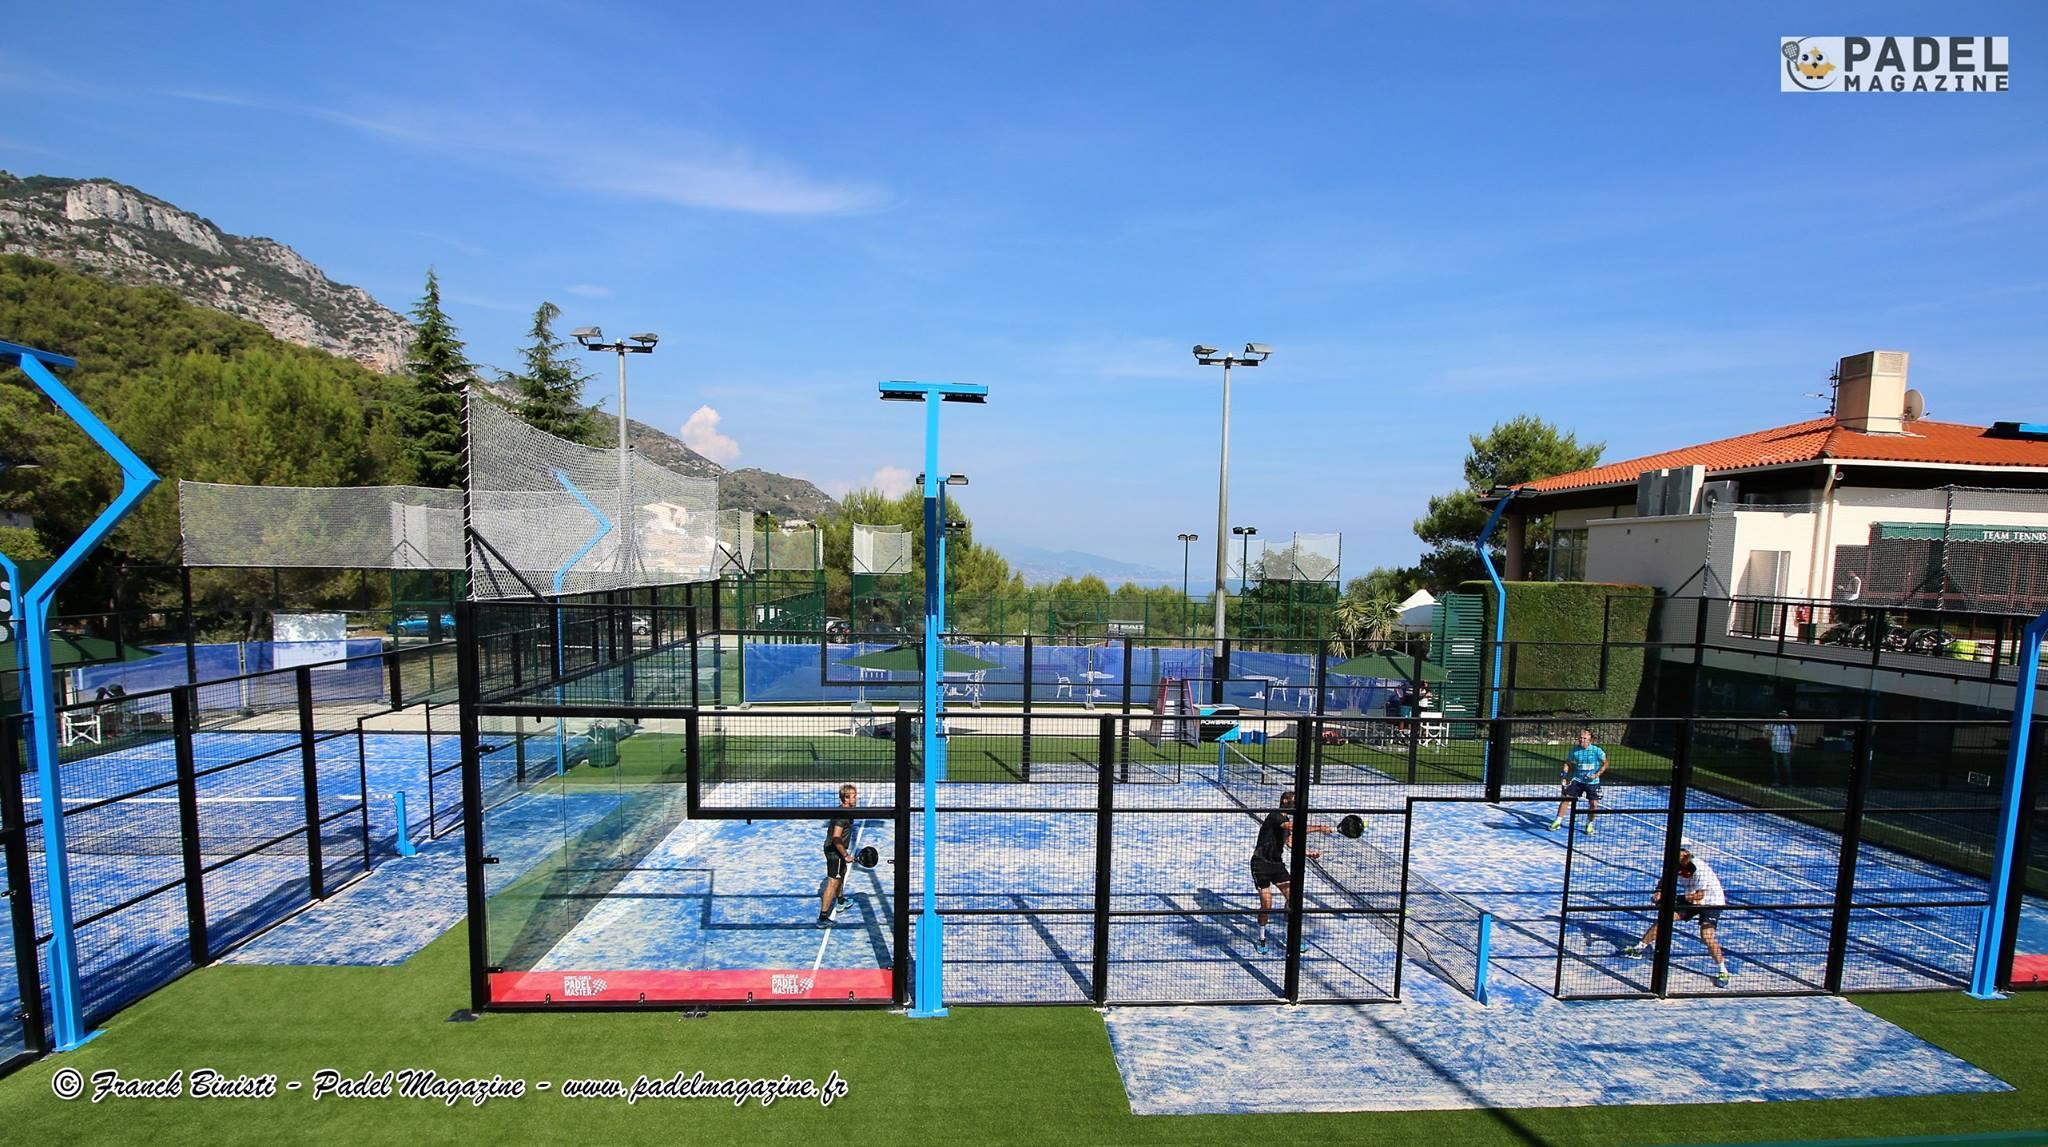 tennis-padel-soleil-padel